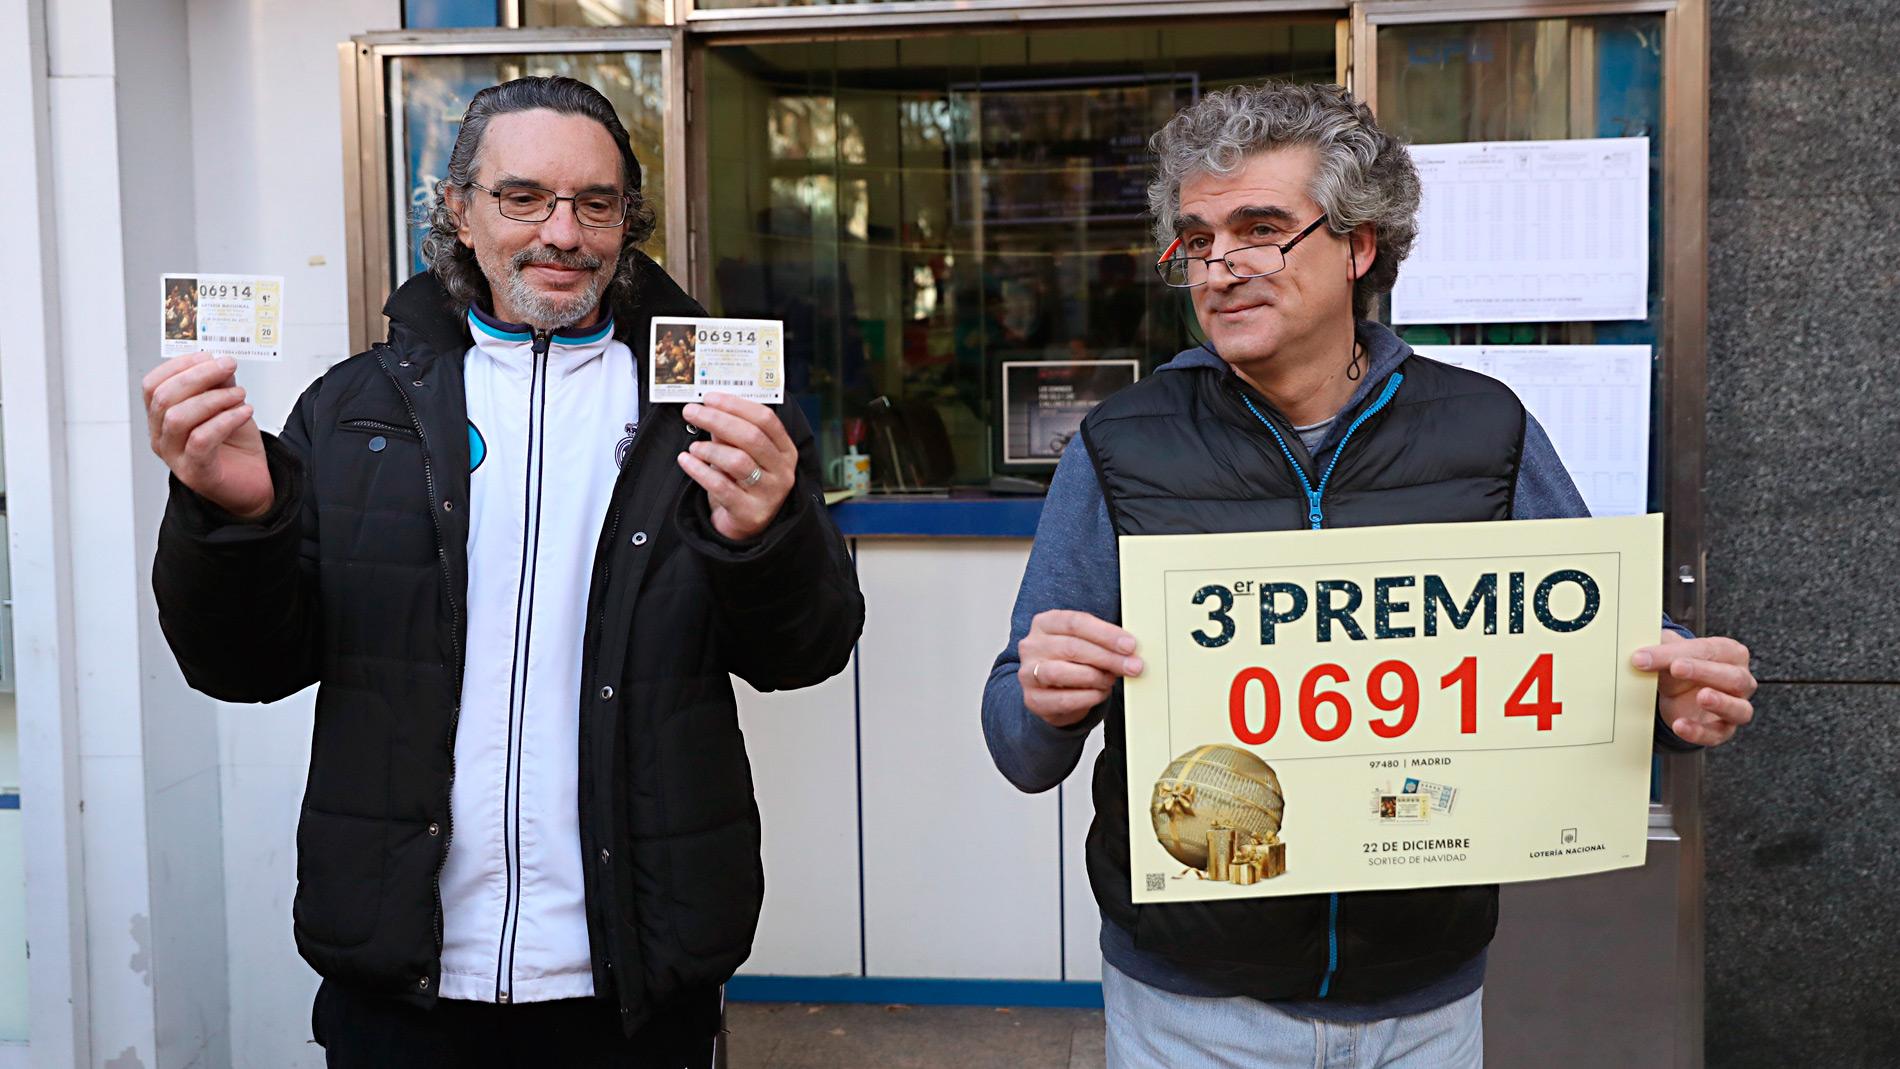 El tercer premio de la Lotería de Navidad, el 06.914, ha sido el que antes ha salido